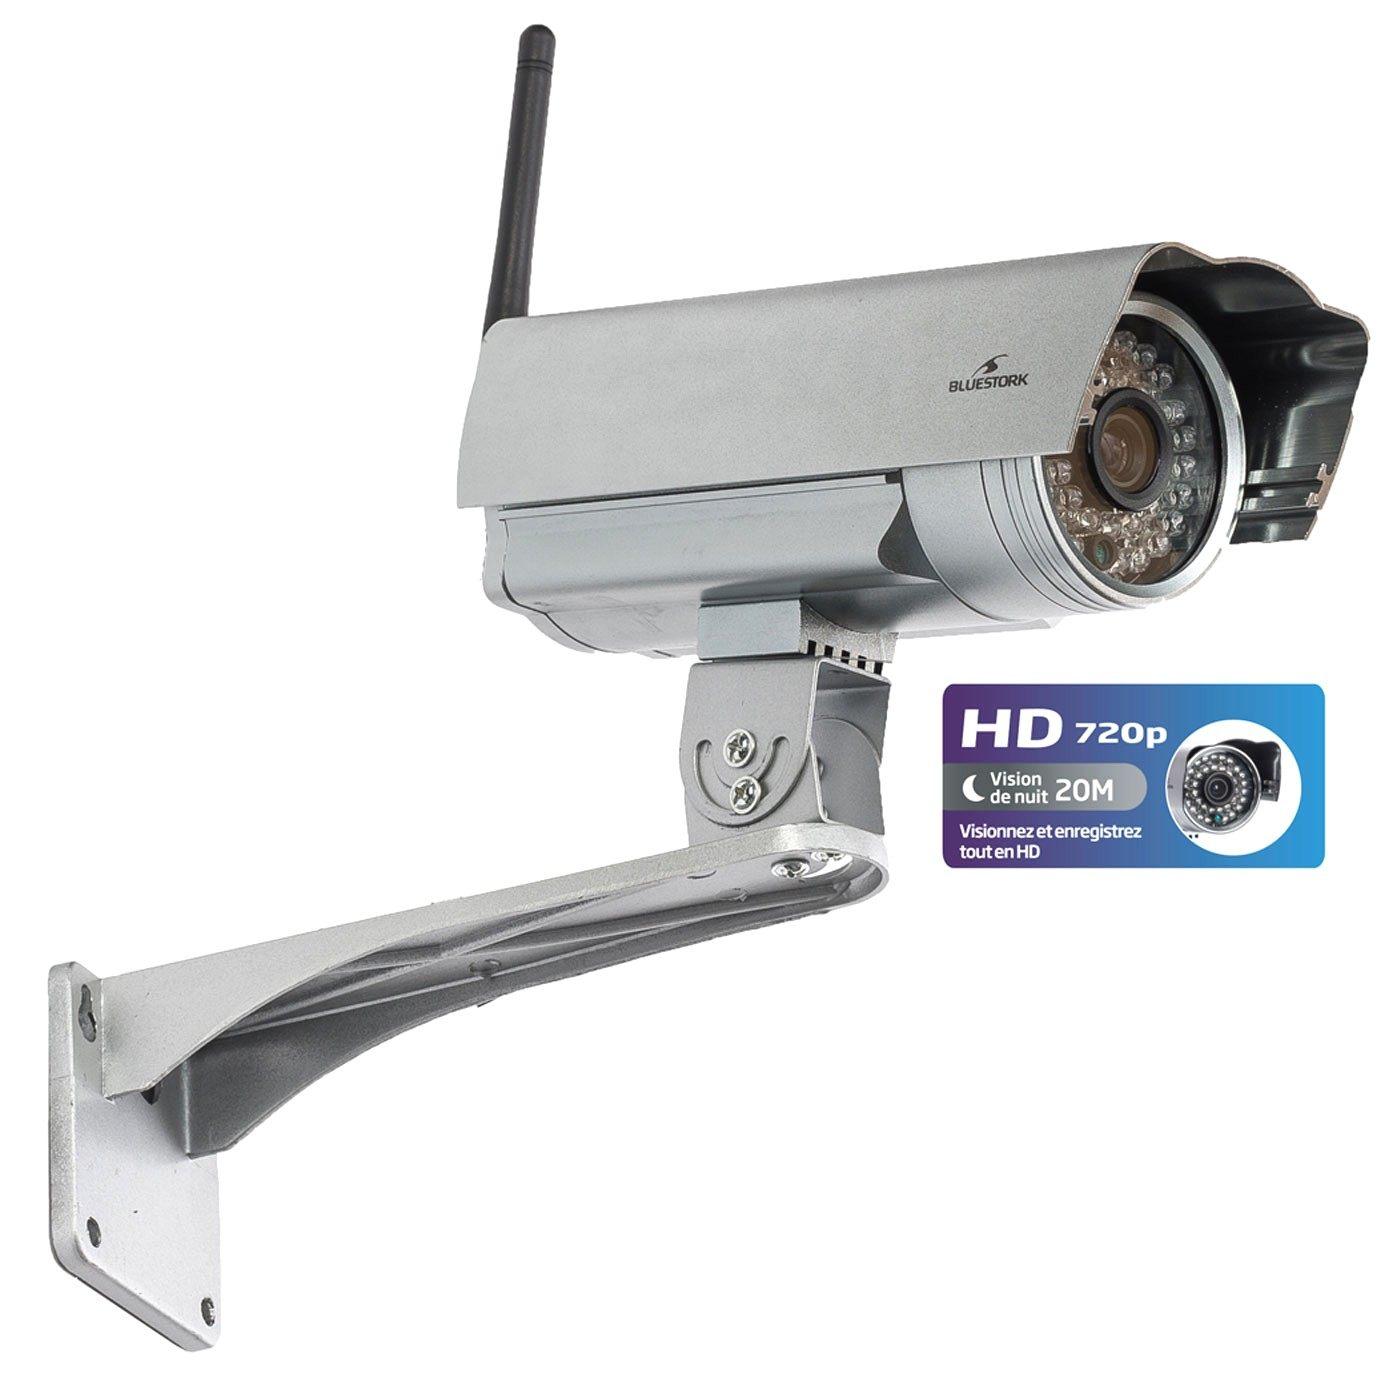 Lit électrique 2 Personnes Conforama Génial Kit Camera De Surveillance Exterieur Sans Fil